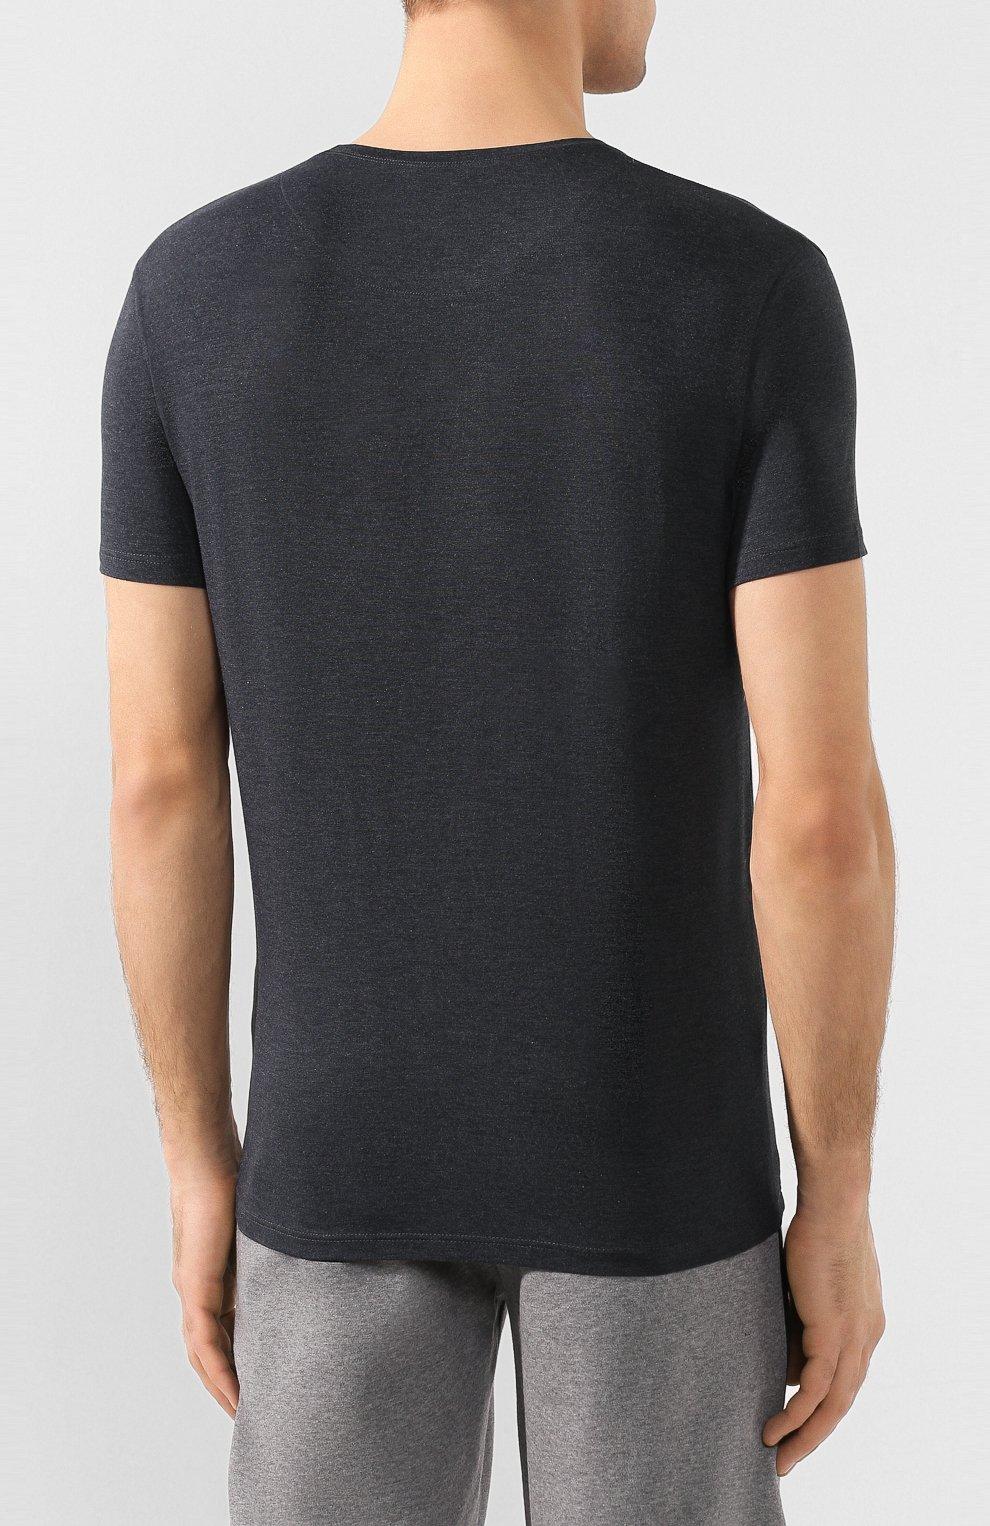 Мужская футболка DEREK ROSE темно-серого цвета, арт. 3048-MARL001   Фото 4 (Кросс-КТ: домашняя одежда; Рукава: Короткие; Материал внешний: Синтетический материал; Длина (для топов): Стандартные; Мужское Кросс-КТ: Футболка-белье; Статус проверки: Проверена категория)